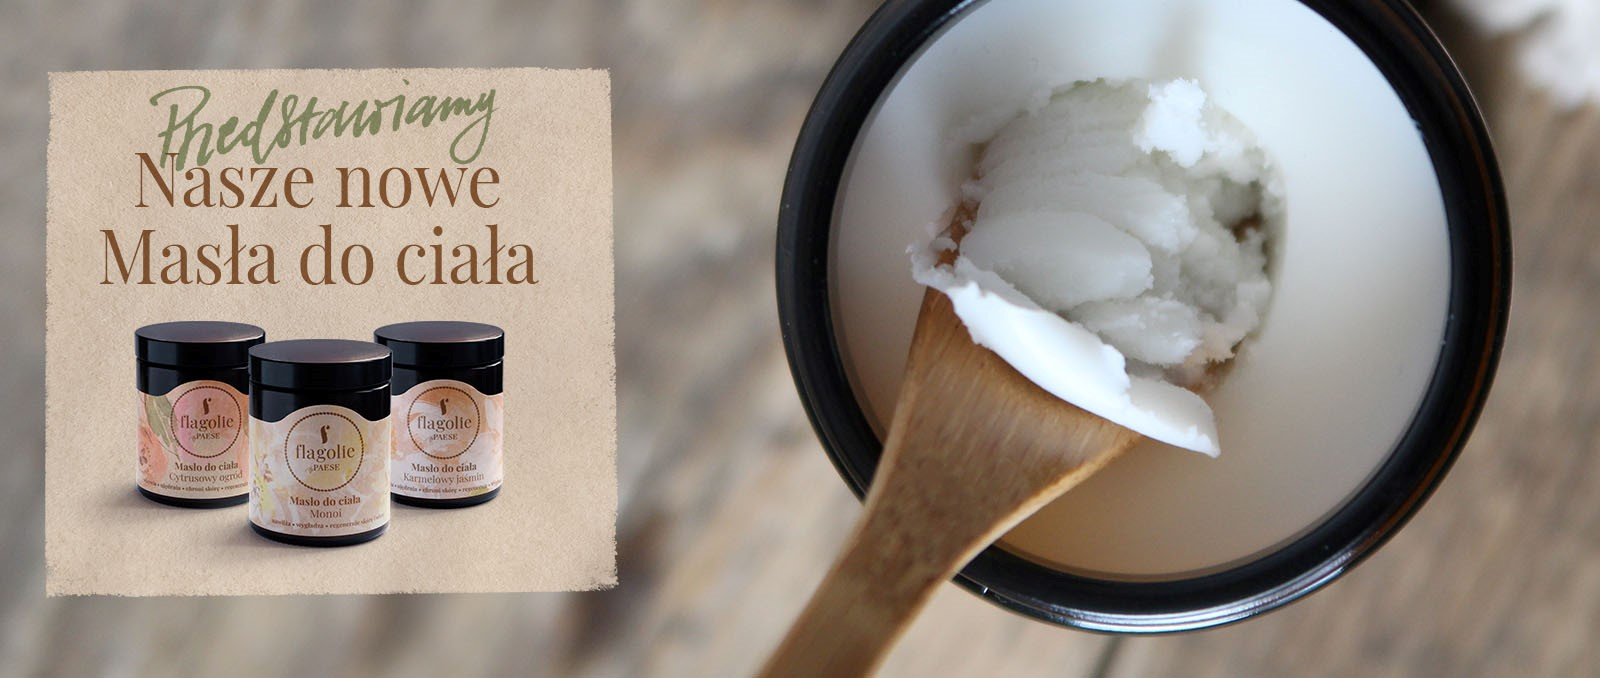 masla-do-ciala-flagolie(page)